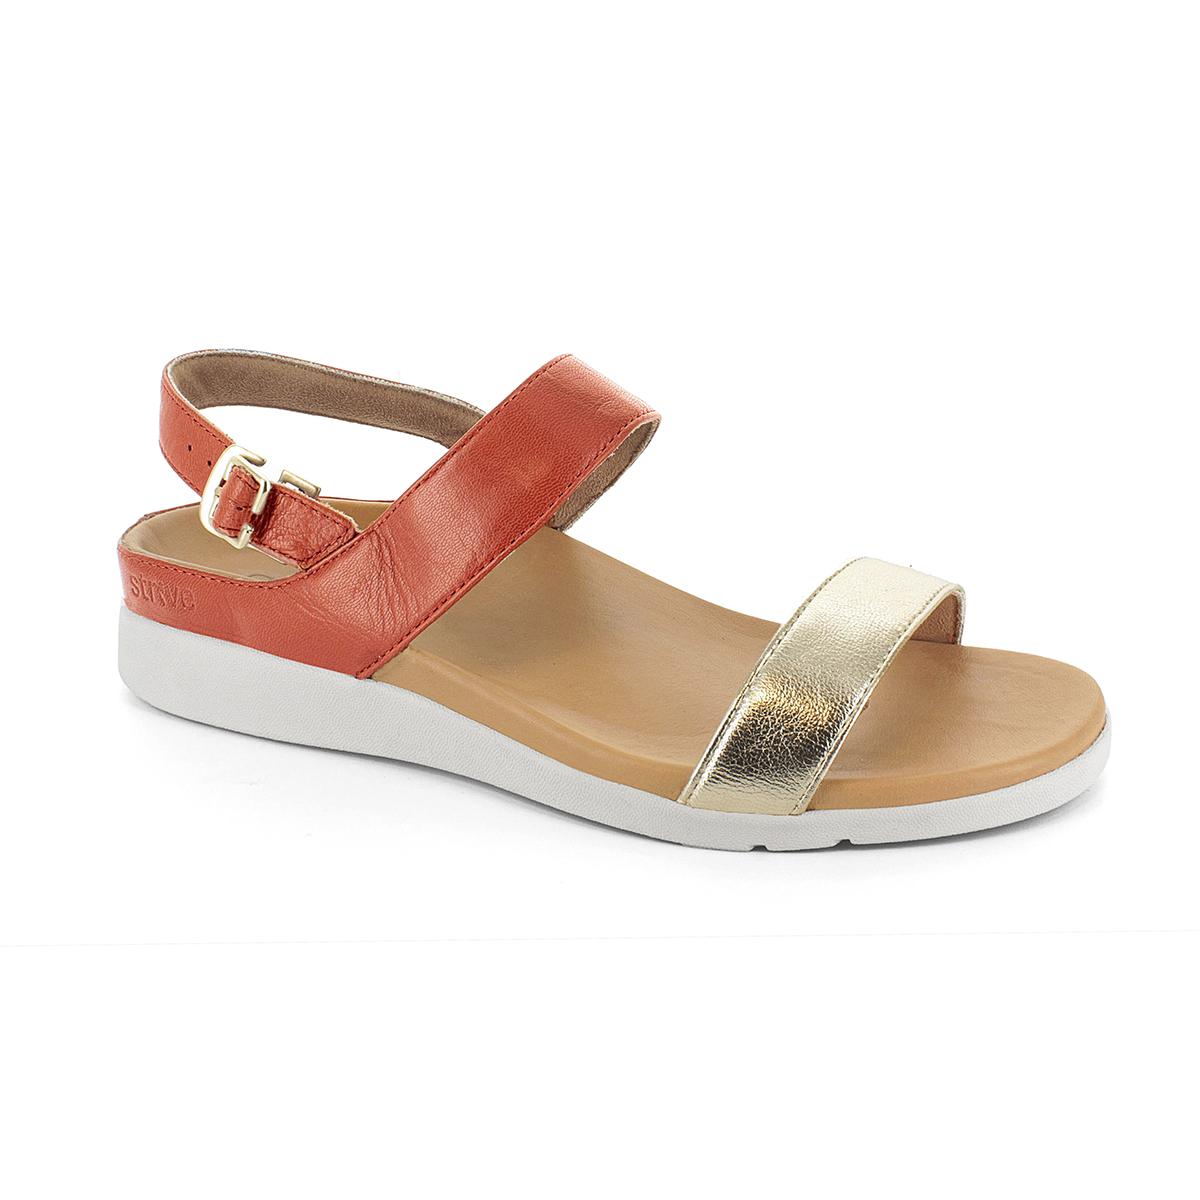 スニーカー感覚で歩き回れる「サンダル」|LUCIA / UK5(24-24.5cm) 独自開発の立体インソールで、スニーカーみたいに歩き回れる「サンダル」|strive